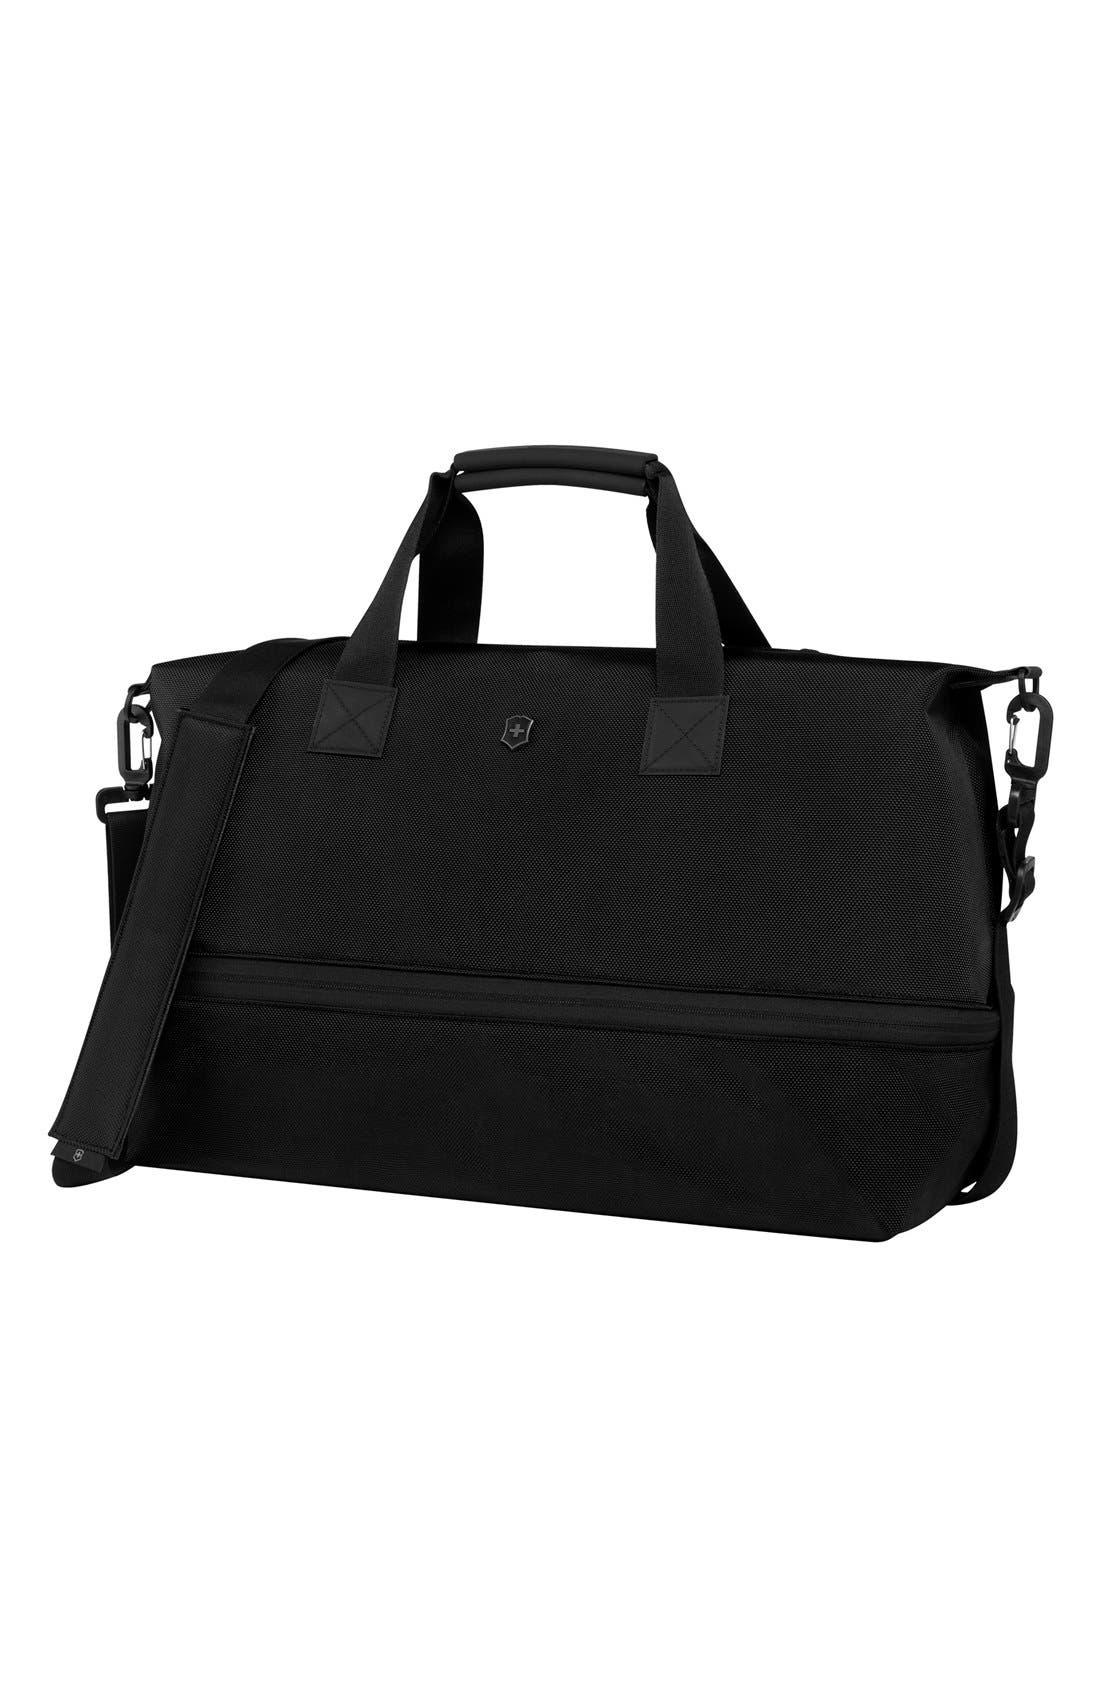 Duffel Bag,                         Main,                         color, Black